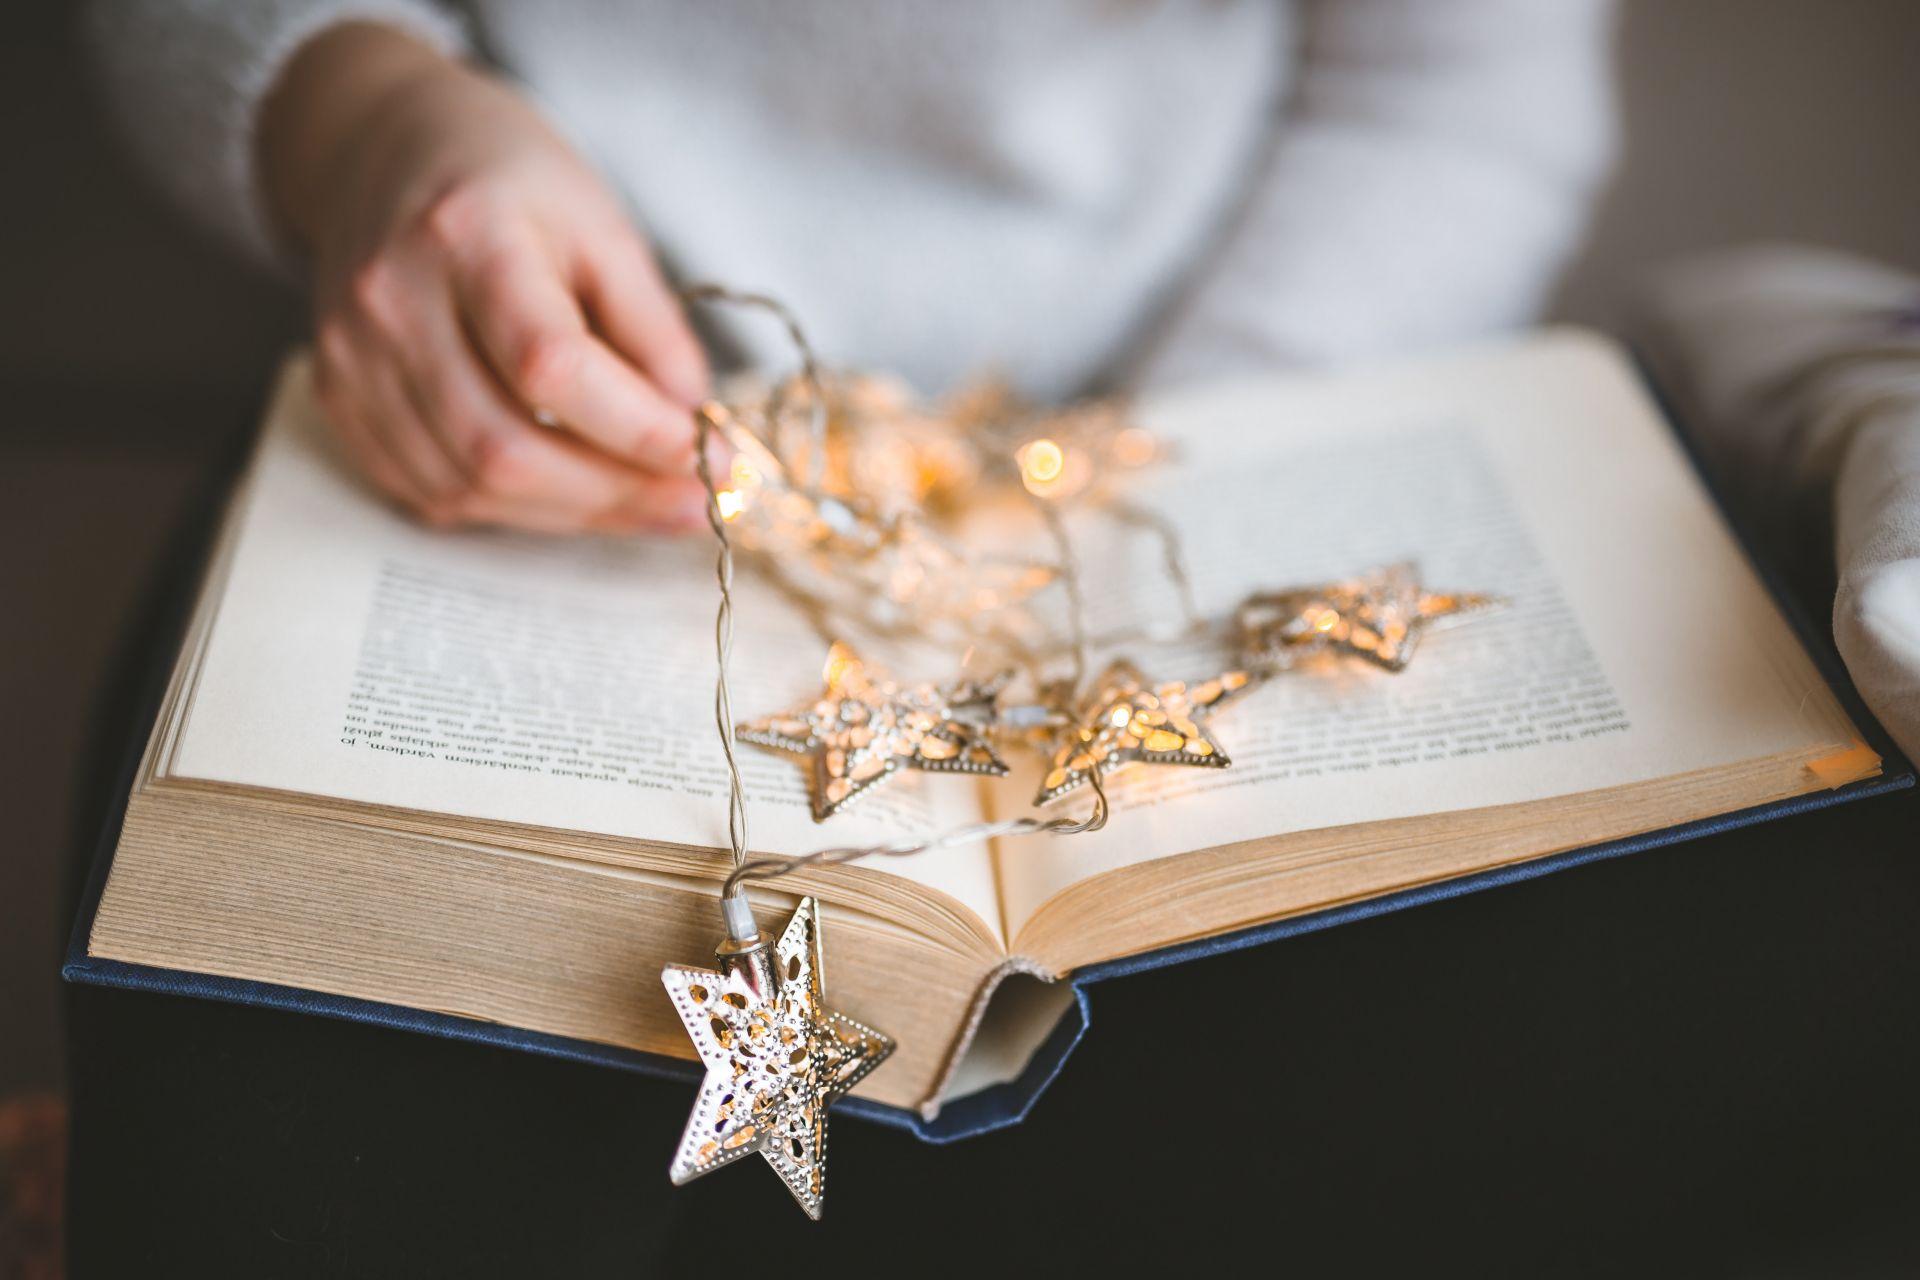 Kirjaa pitelevät kädet ja tähtivalonauha.